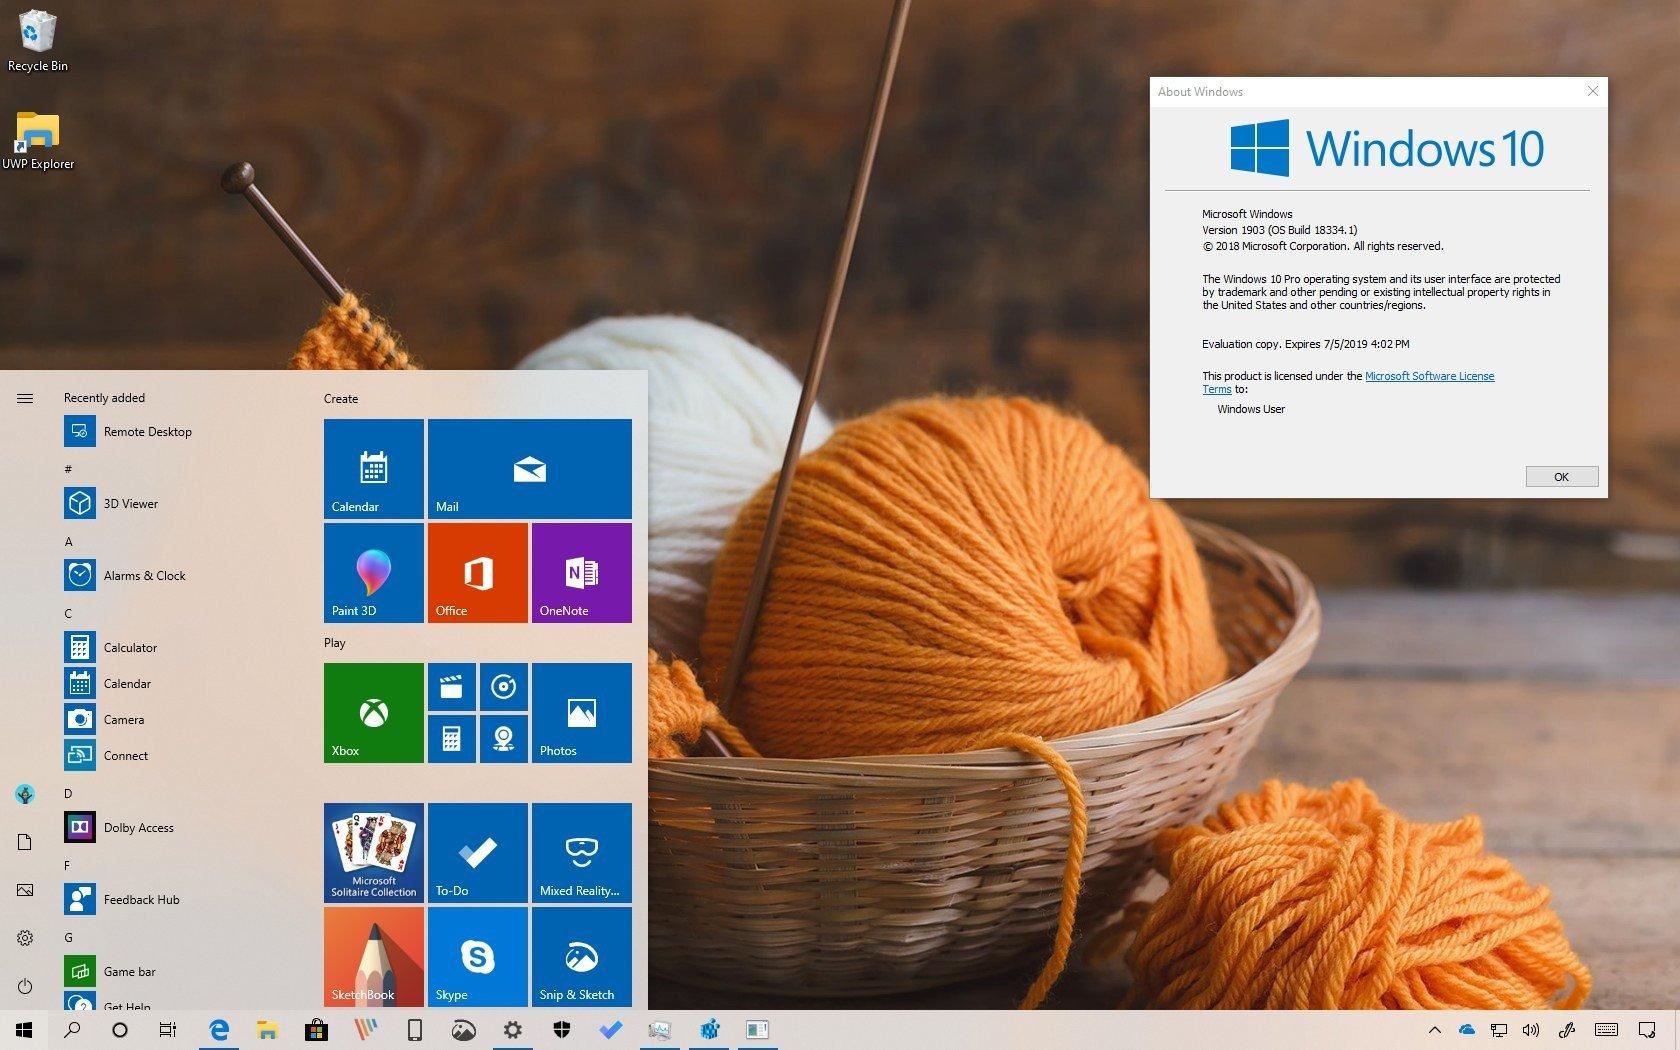 Best windows version 2019 | Windows 10 May 2019 Update (1903